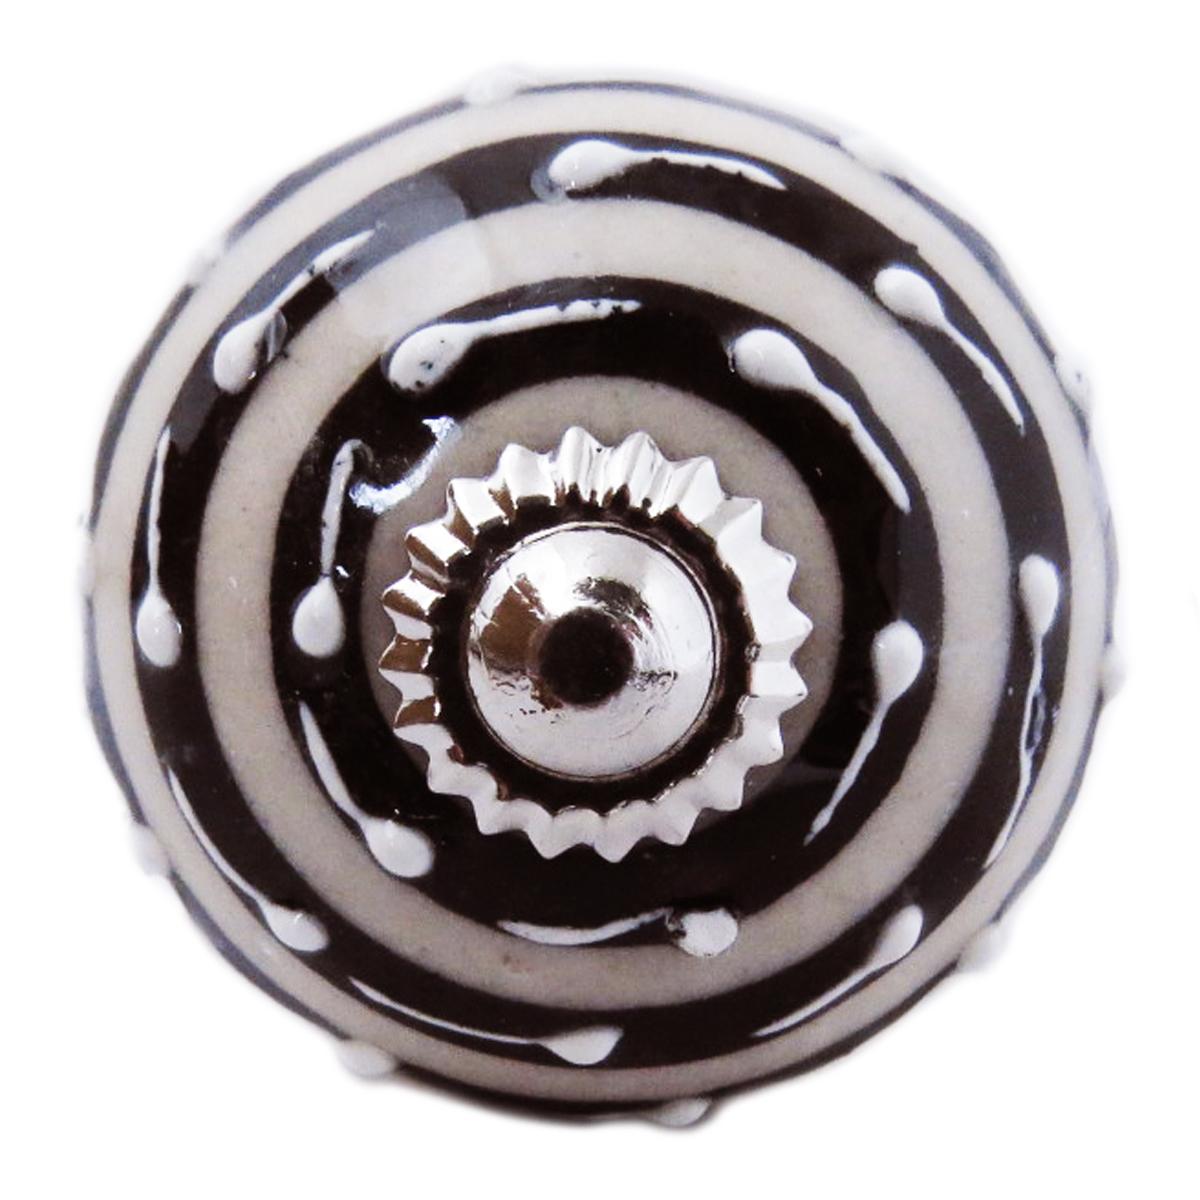 Bouton meuble céramique \'Boho\' gris noir argenté - 60x40 mm - [A3128]